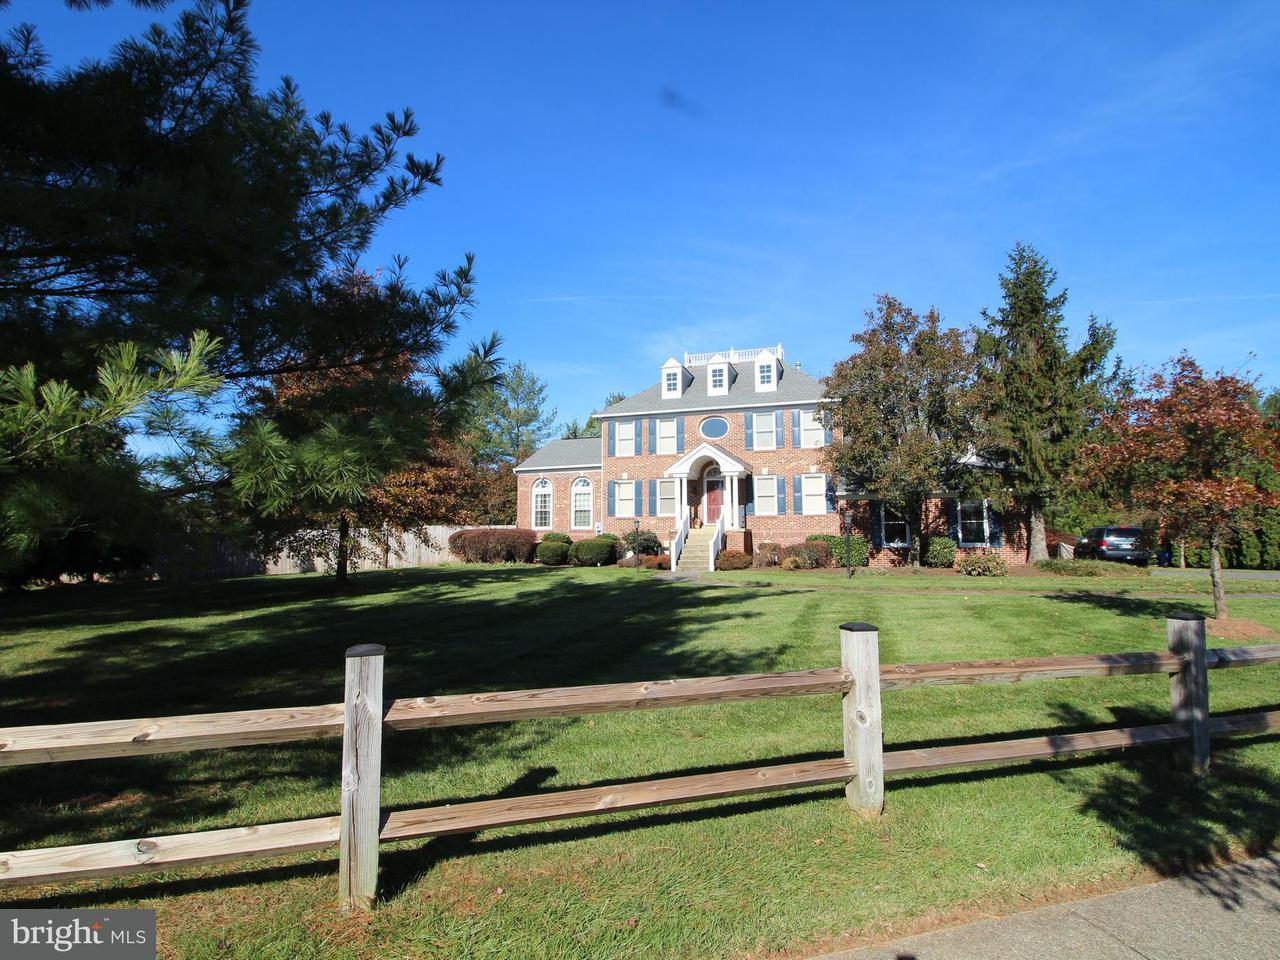 一戸建て のために 売買 アット 17000 Spates Hill Road 17000 Spates Hill Road Poolesville, メリーランド 20837 アメリカ合衆国